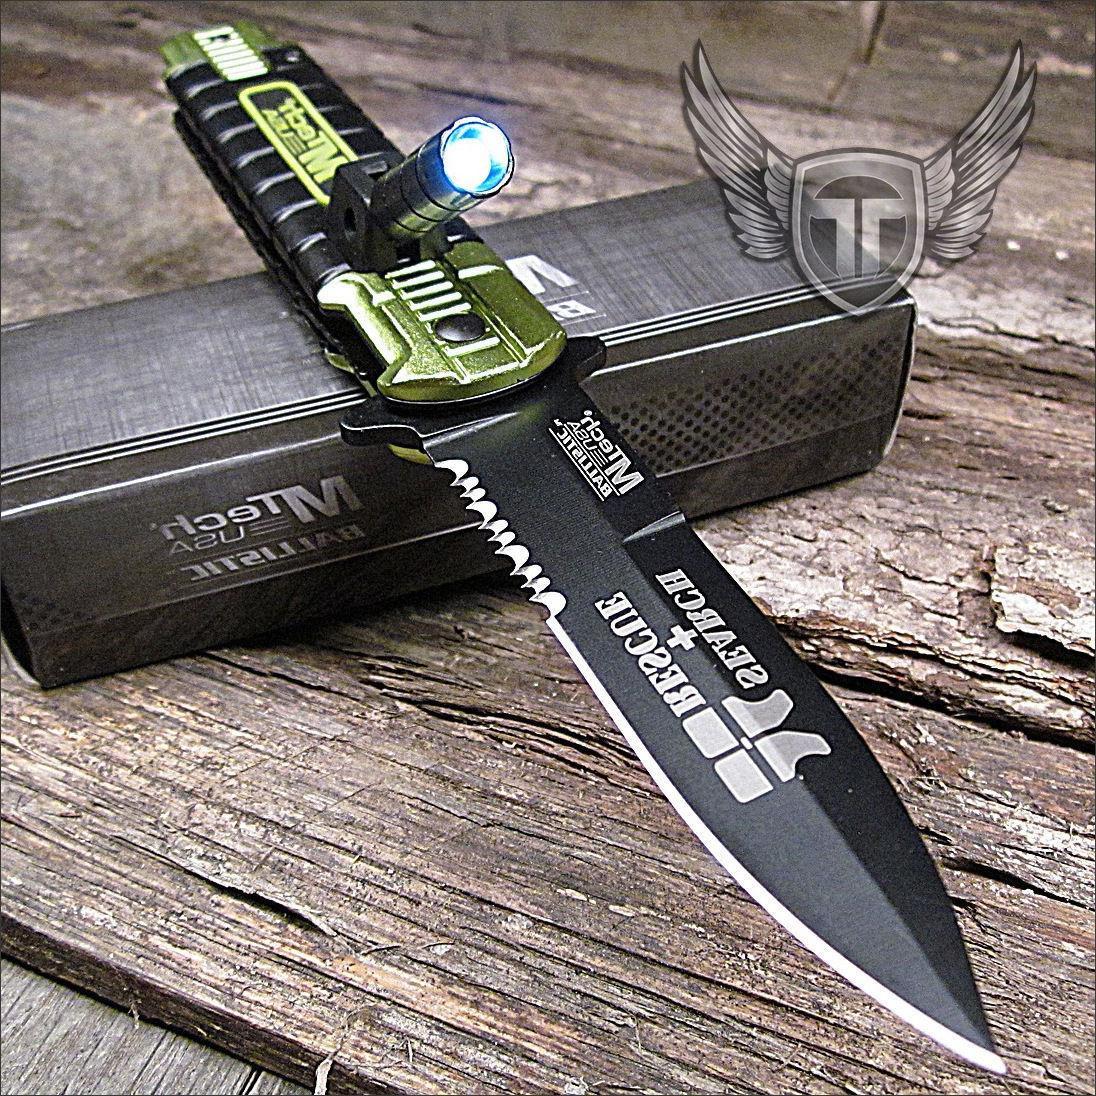 MTECH EMT EMS ASSISTED KNIFE FLASHLIGHT